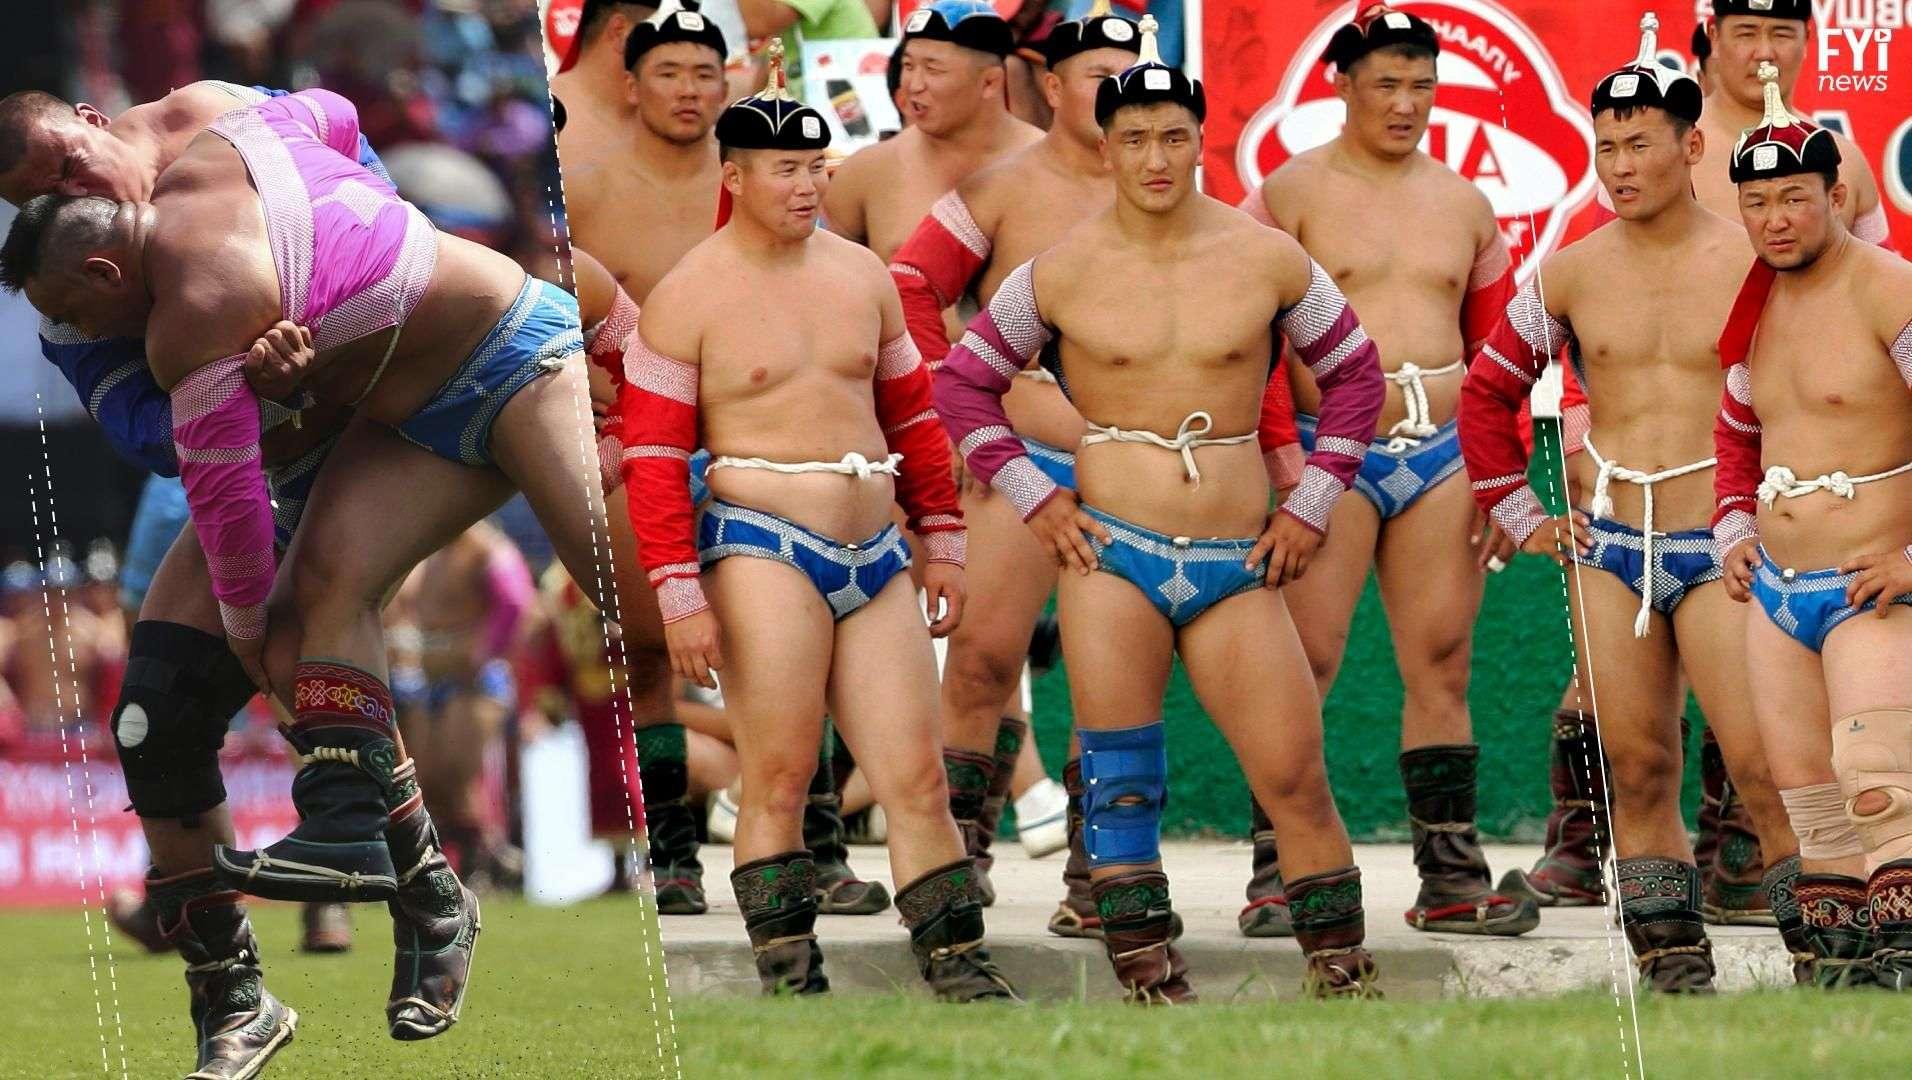 El peculiar deporte que mueve masas en Mongolia